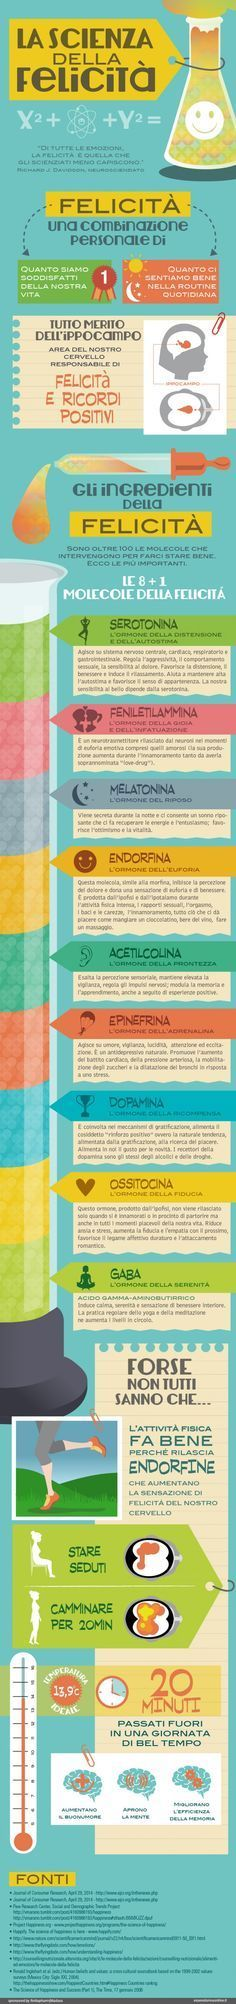 La scienza della felicità - Infografica di Esseredonnaonline by Klenad studio